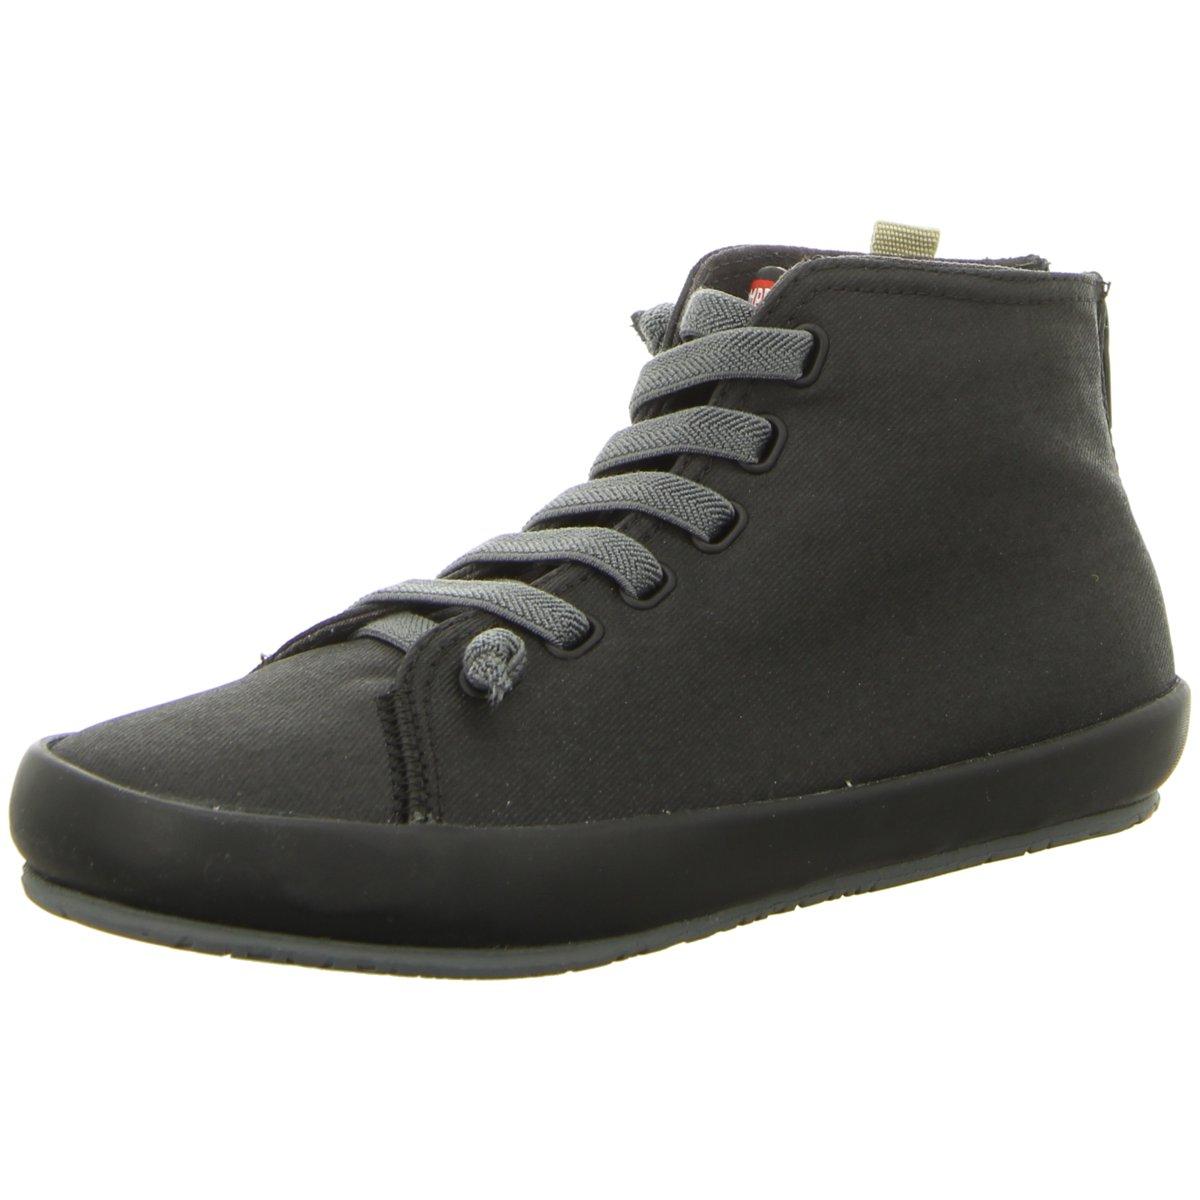 NEU Camper Damen Sneaker K400163-002 schwarz 248686